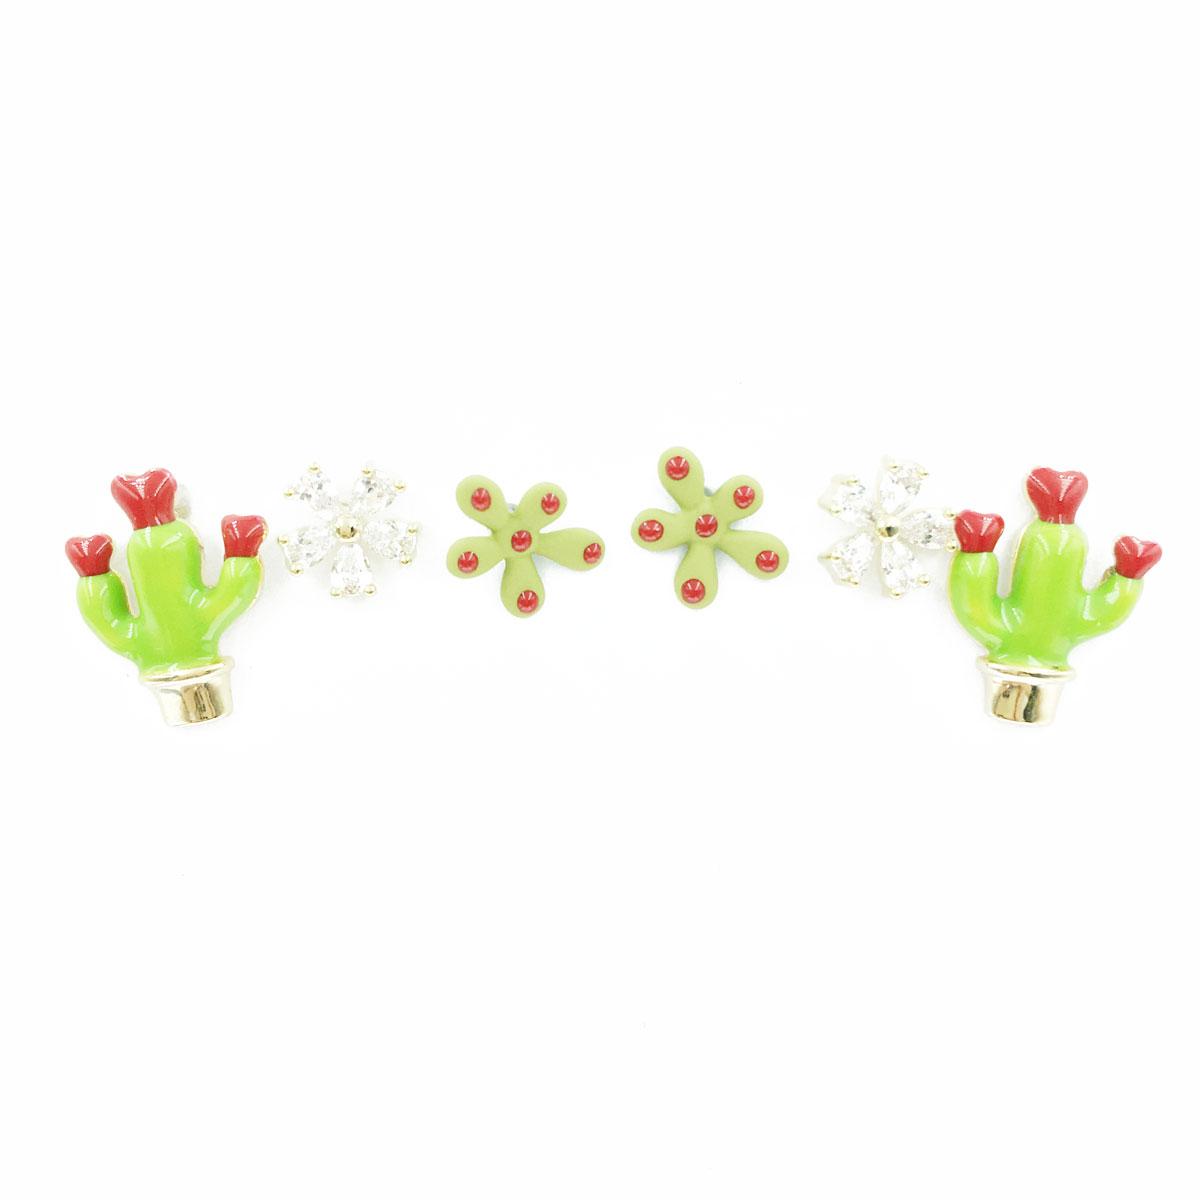 韓國 925純銀 水鑽 花朵 仙人掌 多入款 同款二入 耳針式 耳環